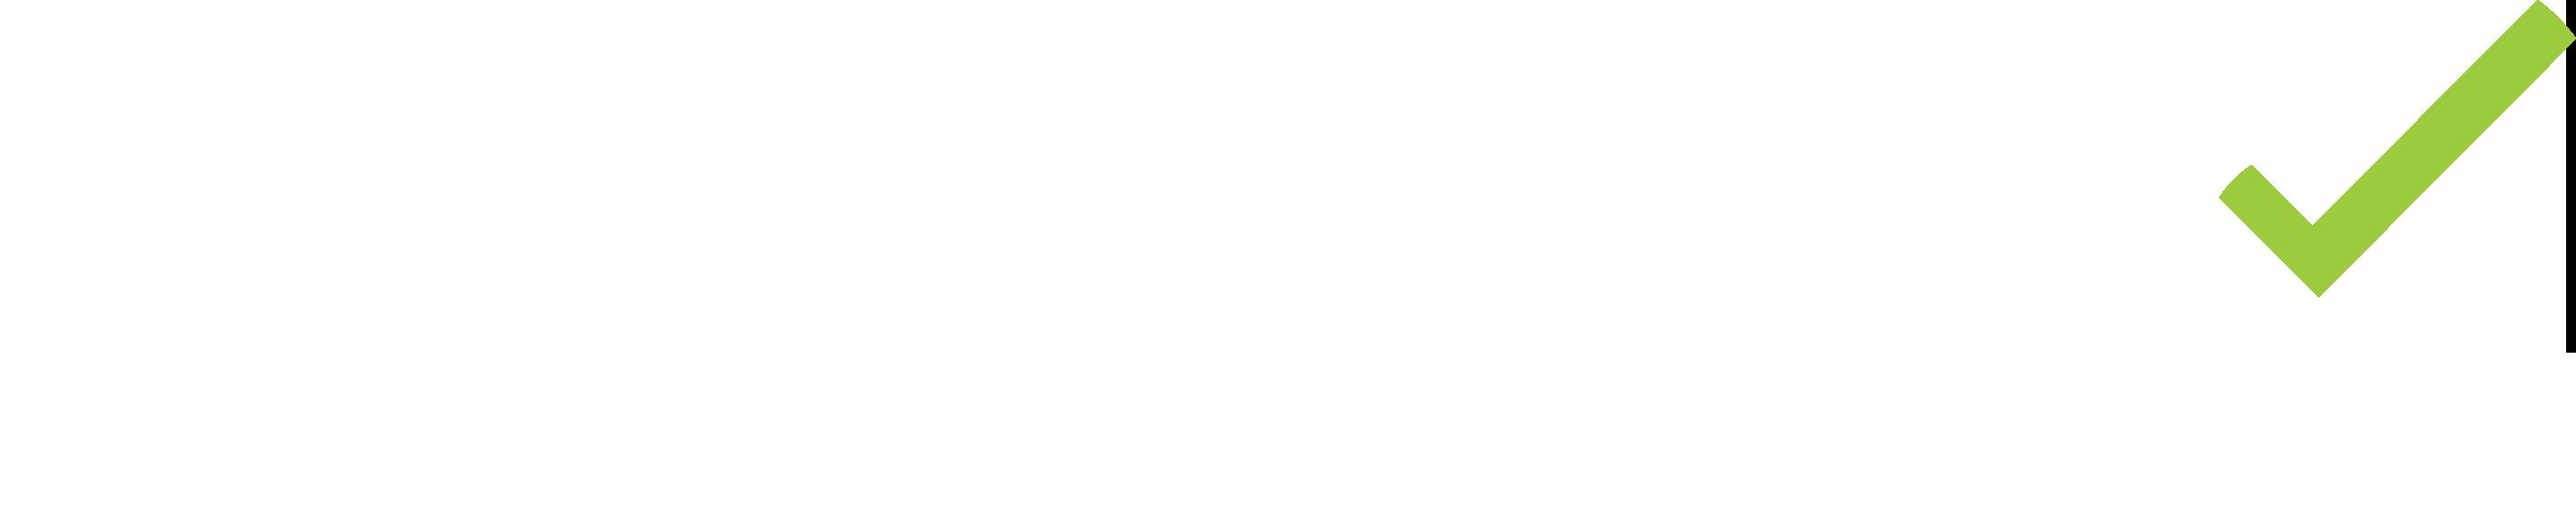 Lenio logo